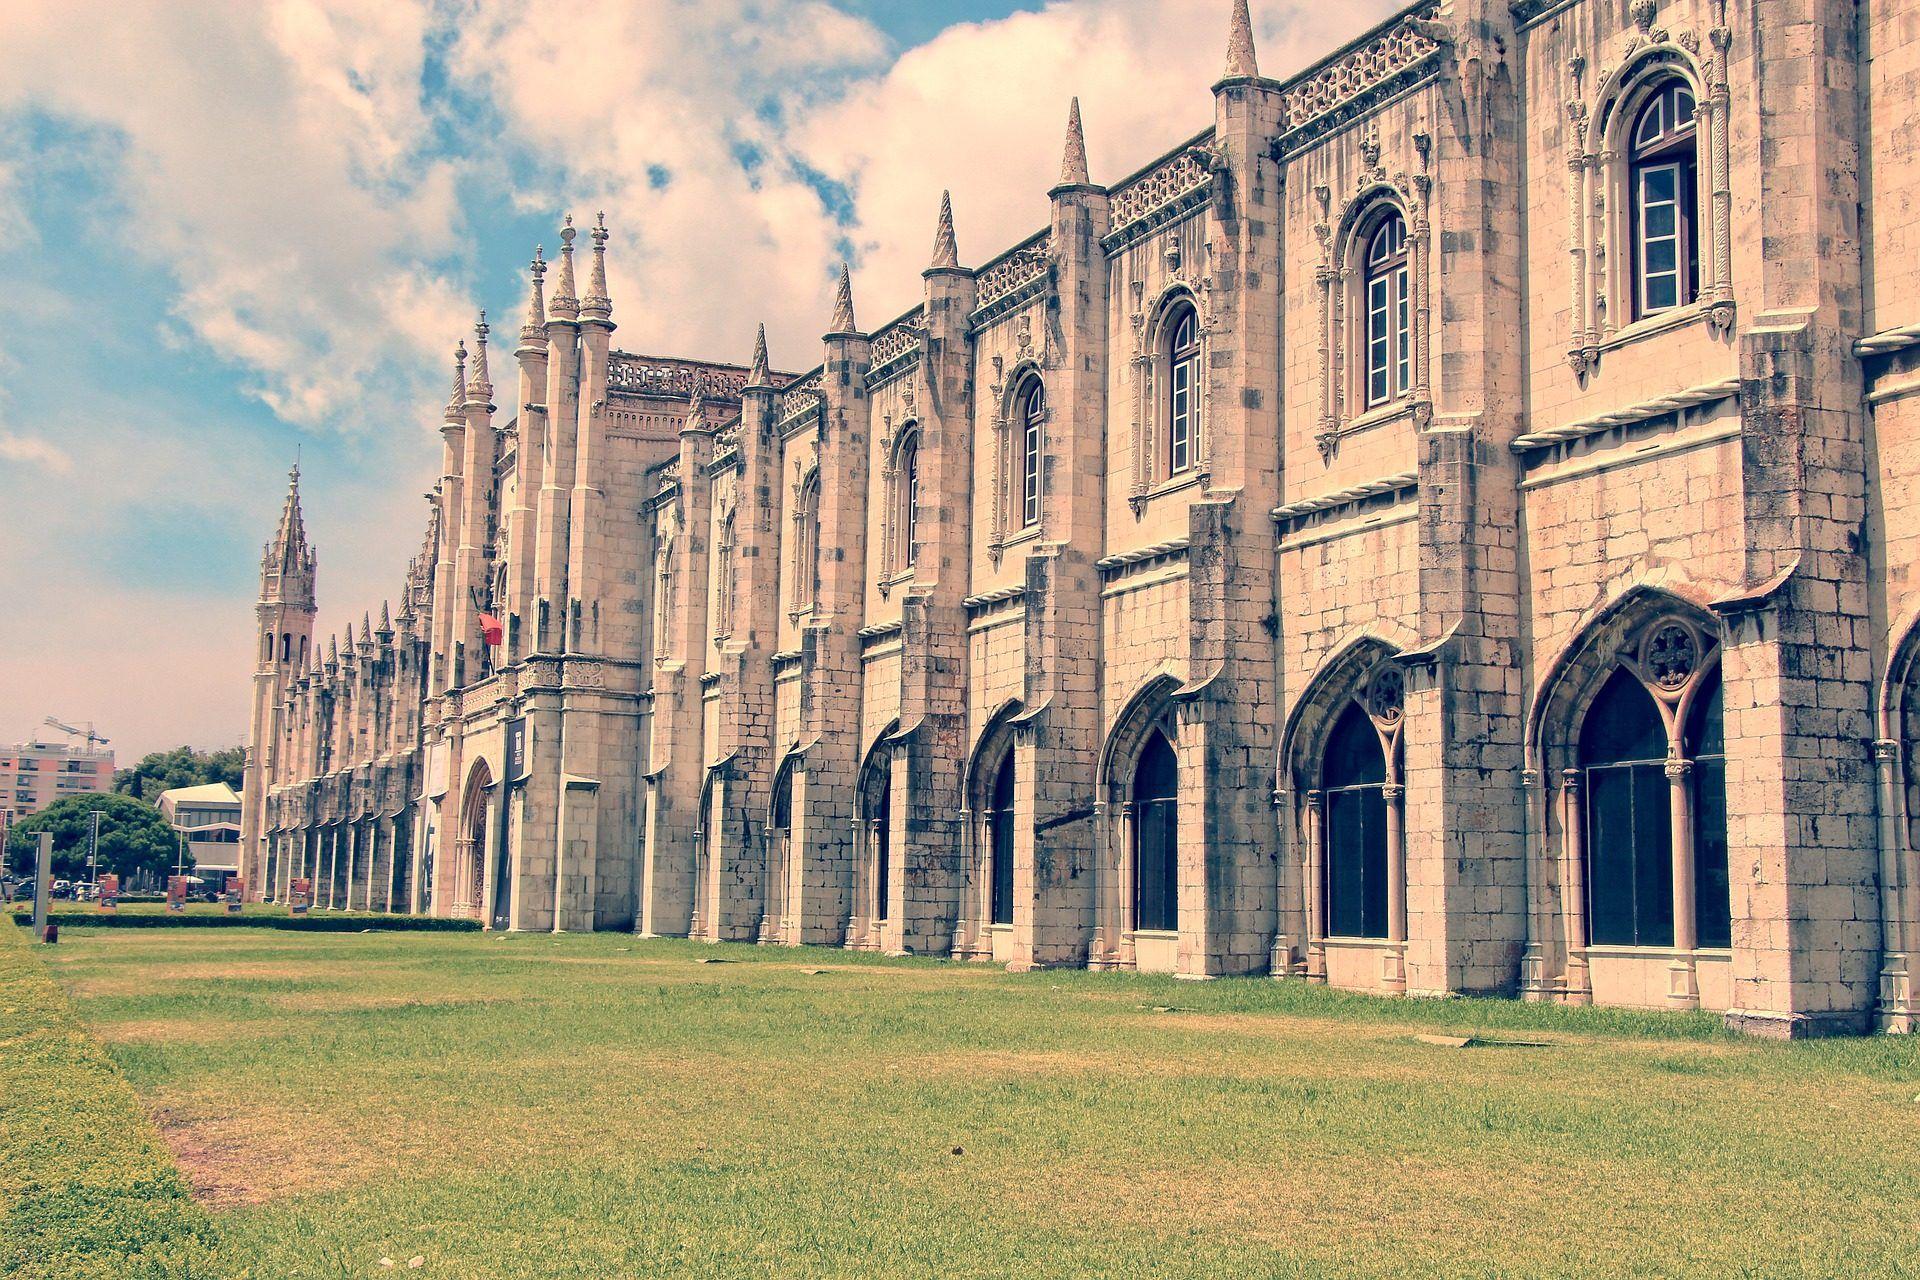 Edificio Fachada Catedral Arquitectura Lisboa 1703220821